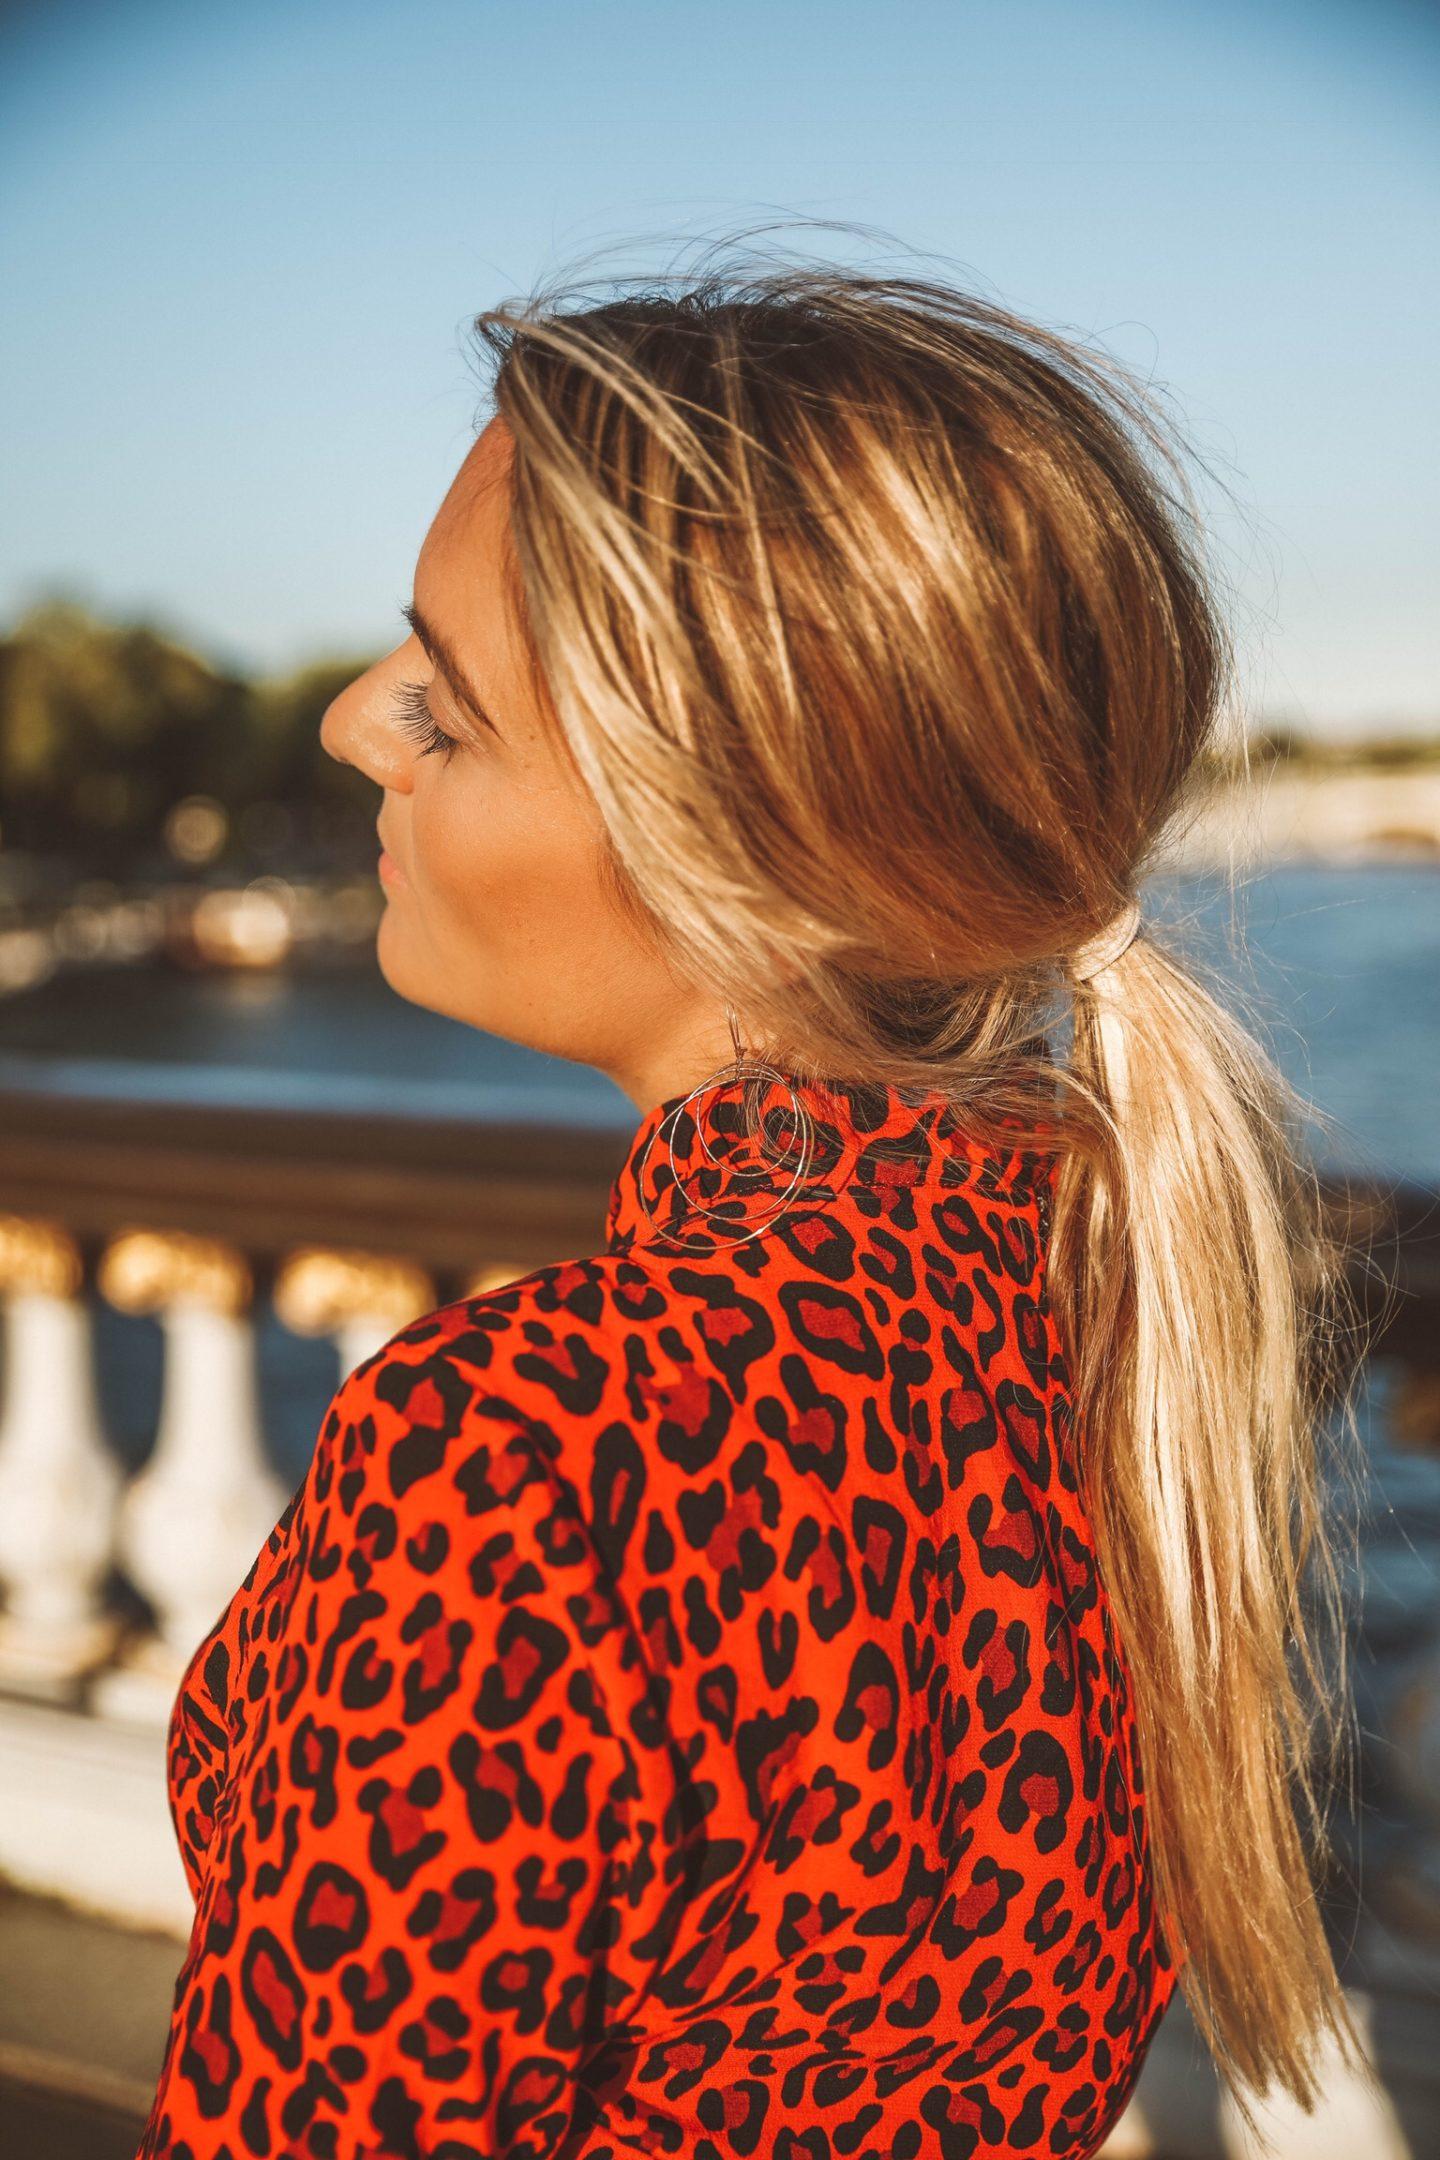 Imprimé léopard - Blondie Baby blog mode Paris et voyages